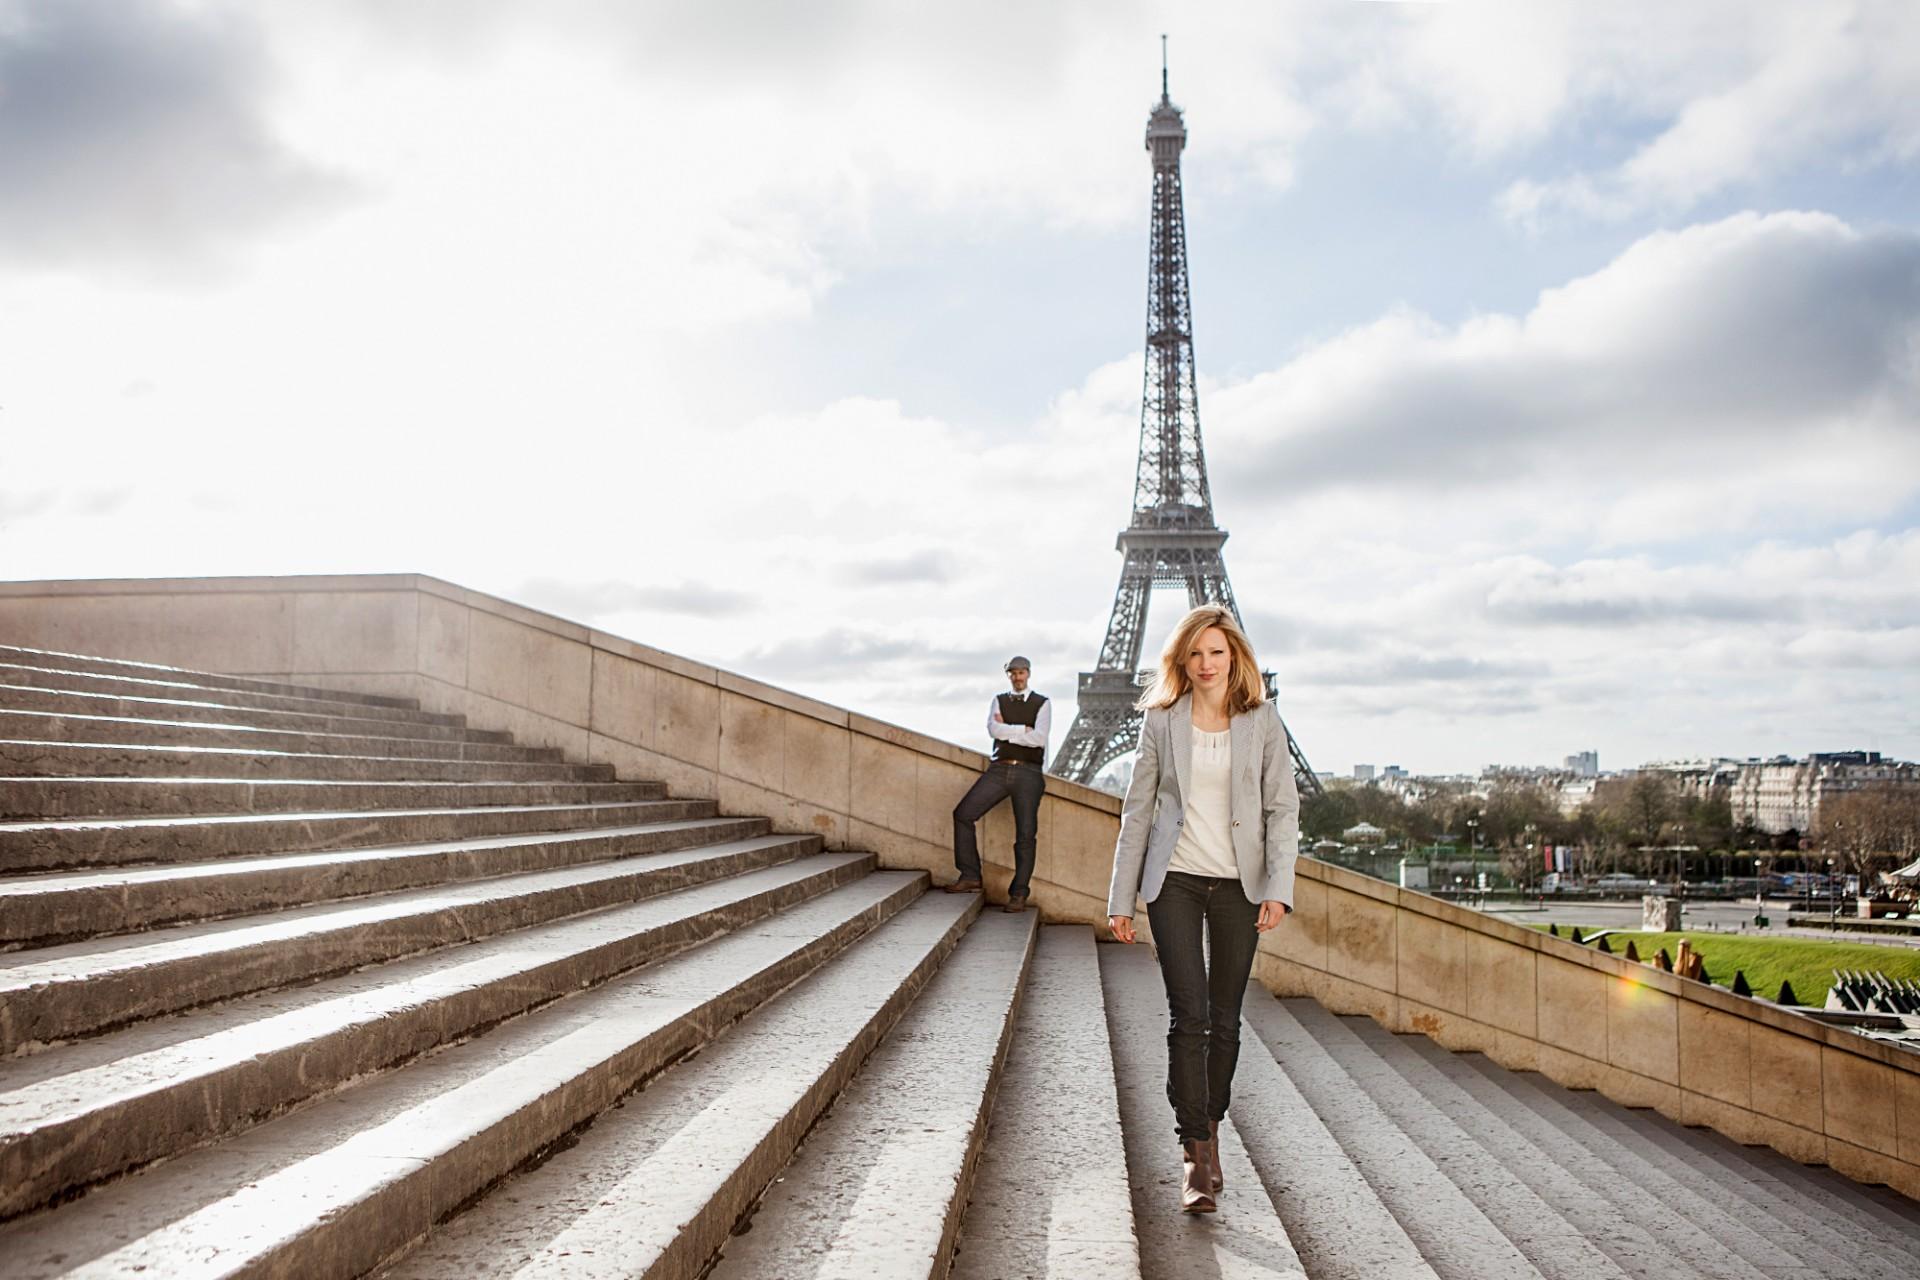 Fotograf in Paris am Eiffelturm mit einm Liebespaar